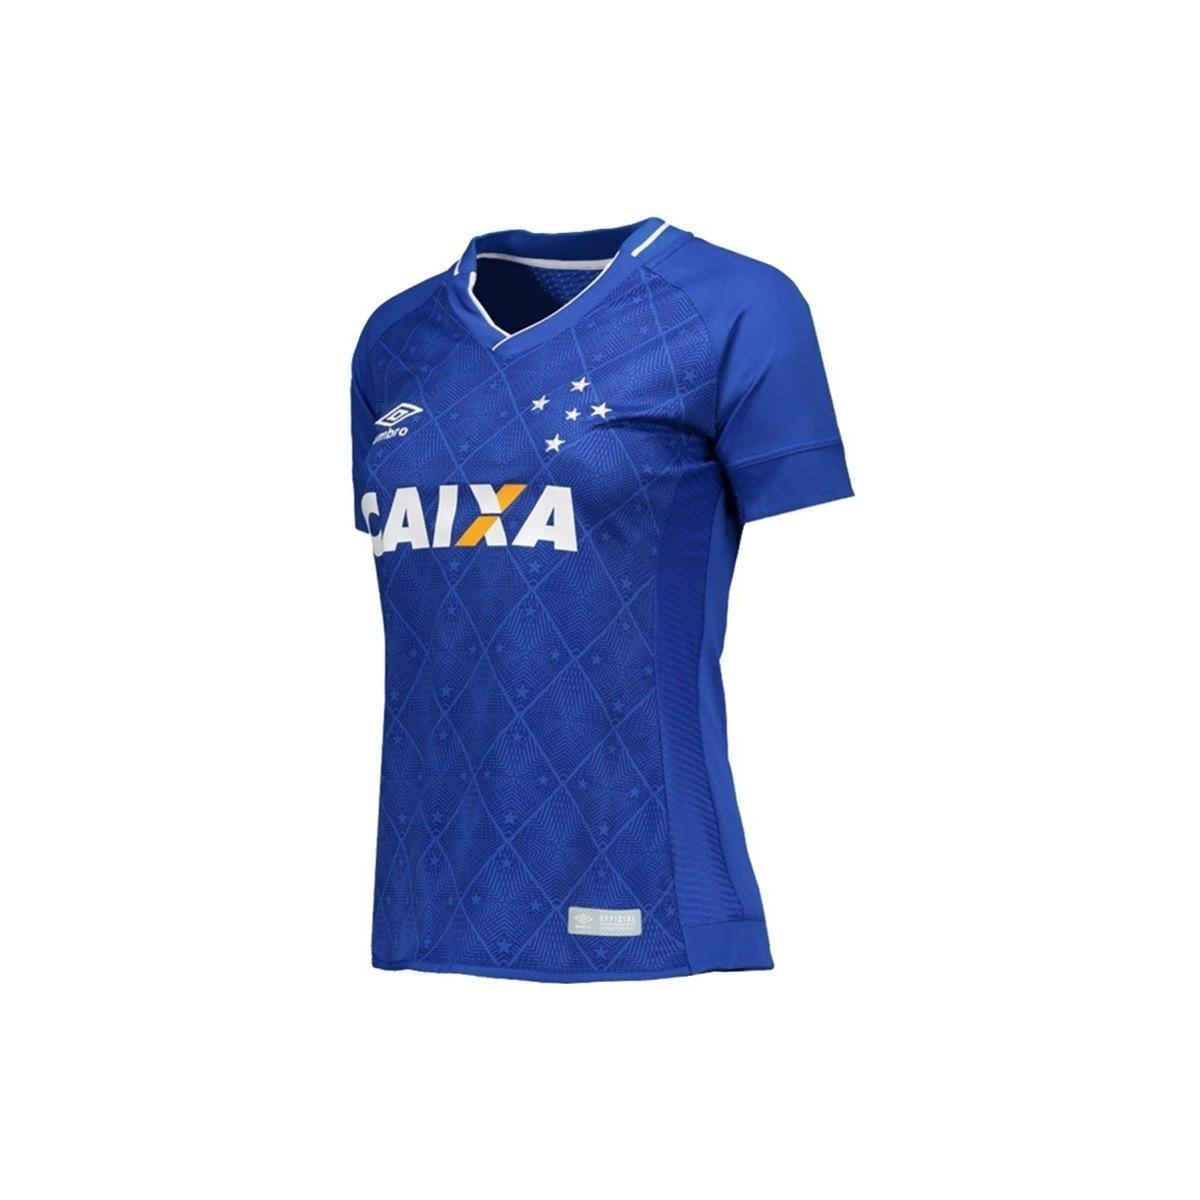 9f0006baf8 Camisa Cruzeiro I 17 18 S Nº Torcedor Umbro Feminina - Compre Agora ...